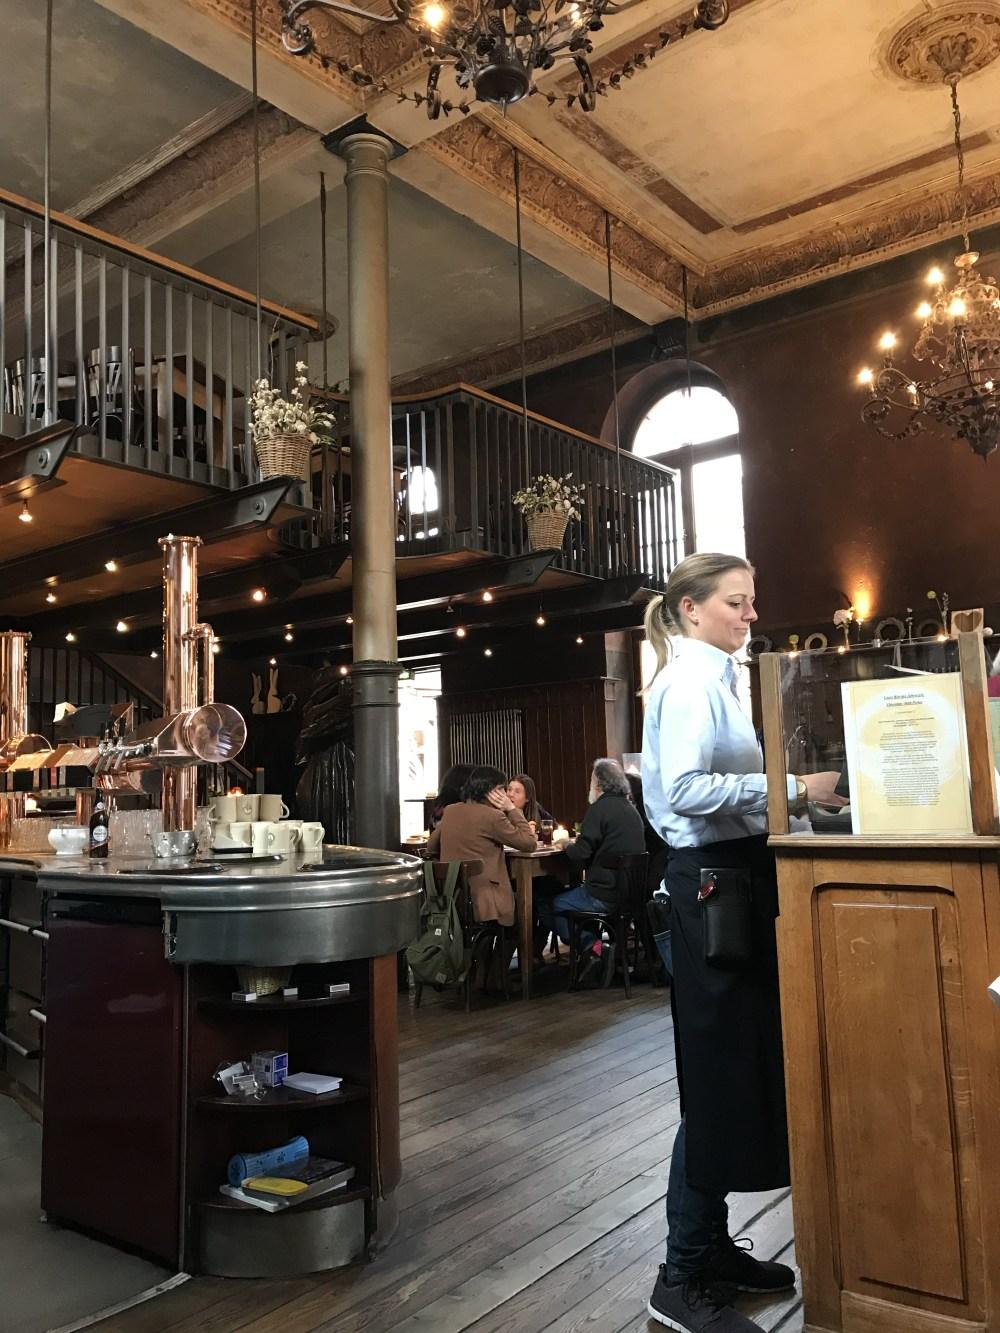 Kulturbrauerei: restaurante com excelentes pratos típicos e ambiente lindíssimo!